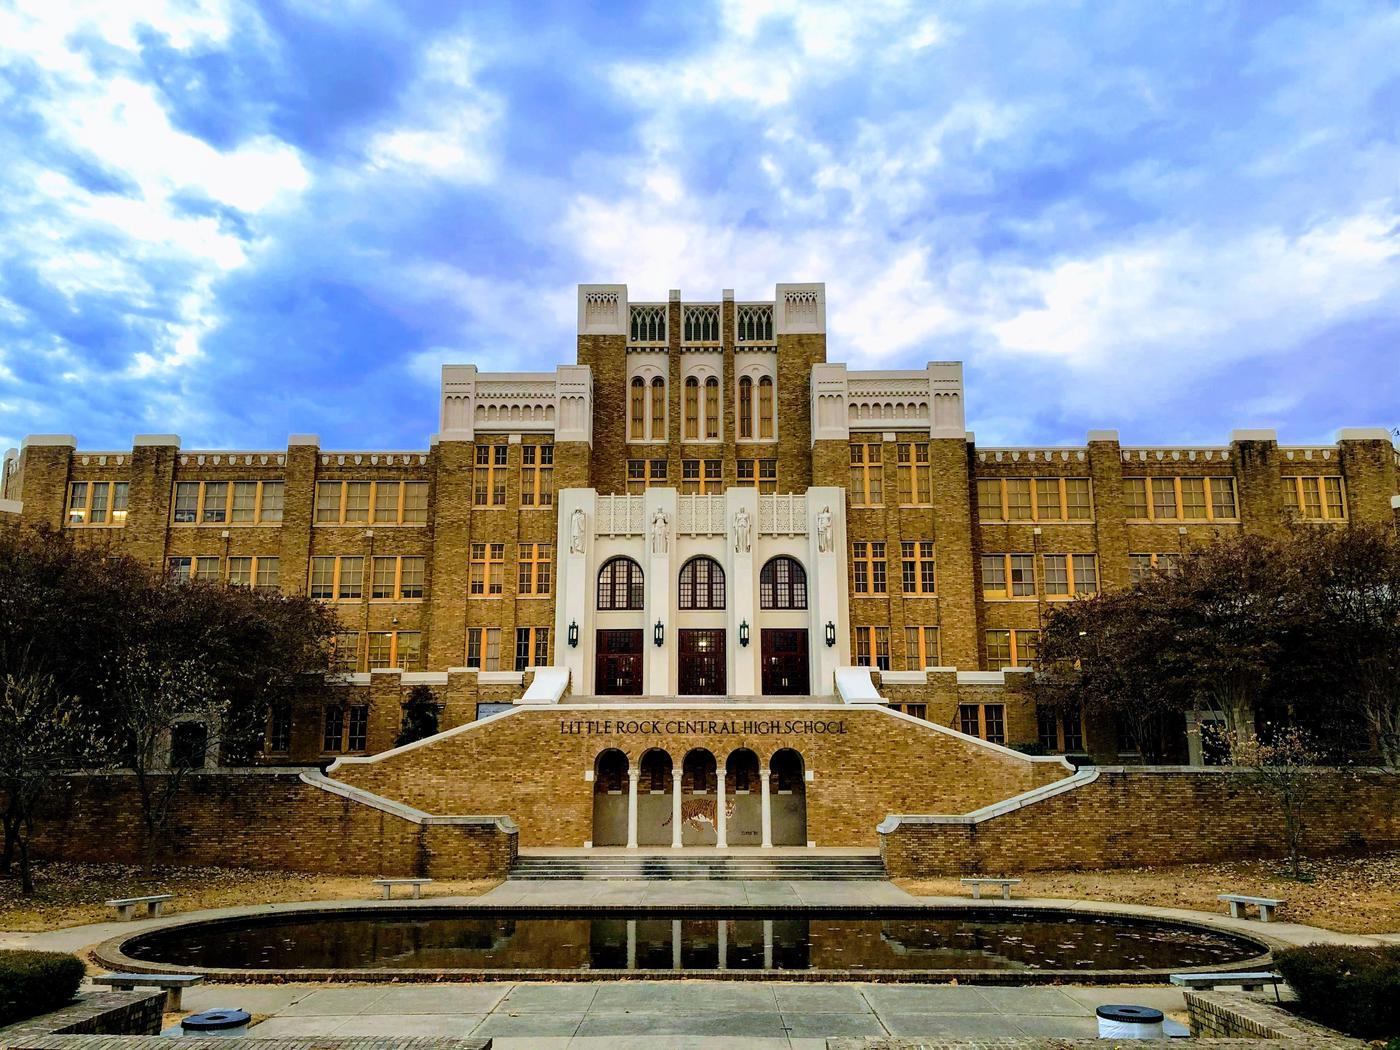 Little Rock Central High SchoolLittle Rock Central High School has been a public school since opening in 1927.